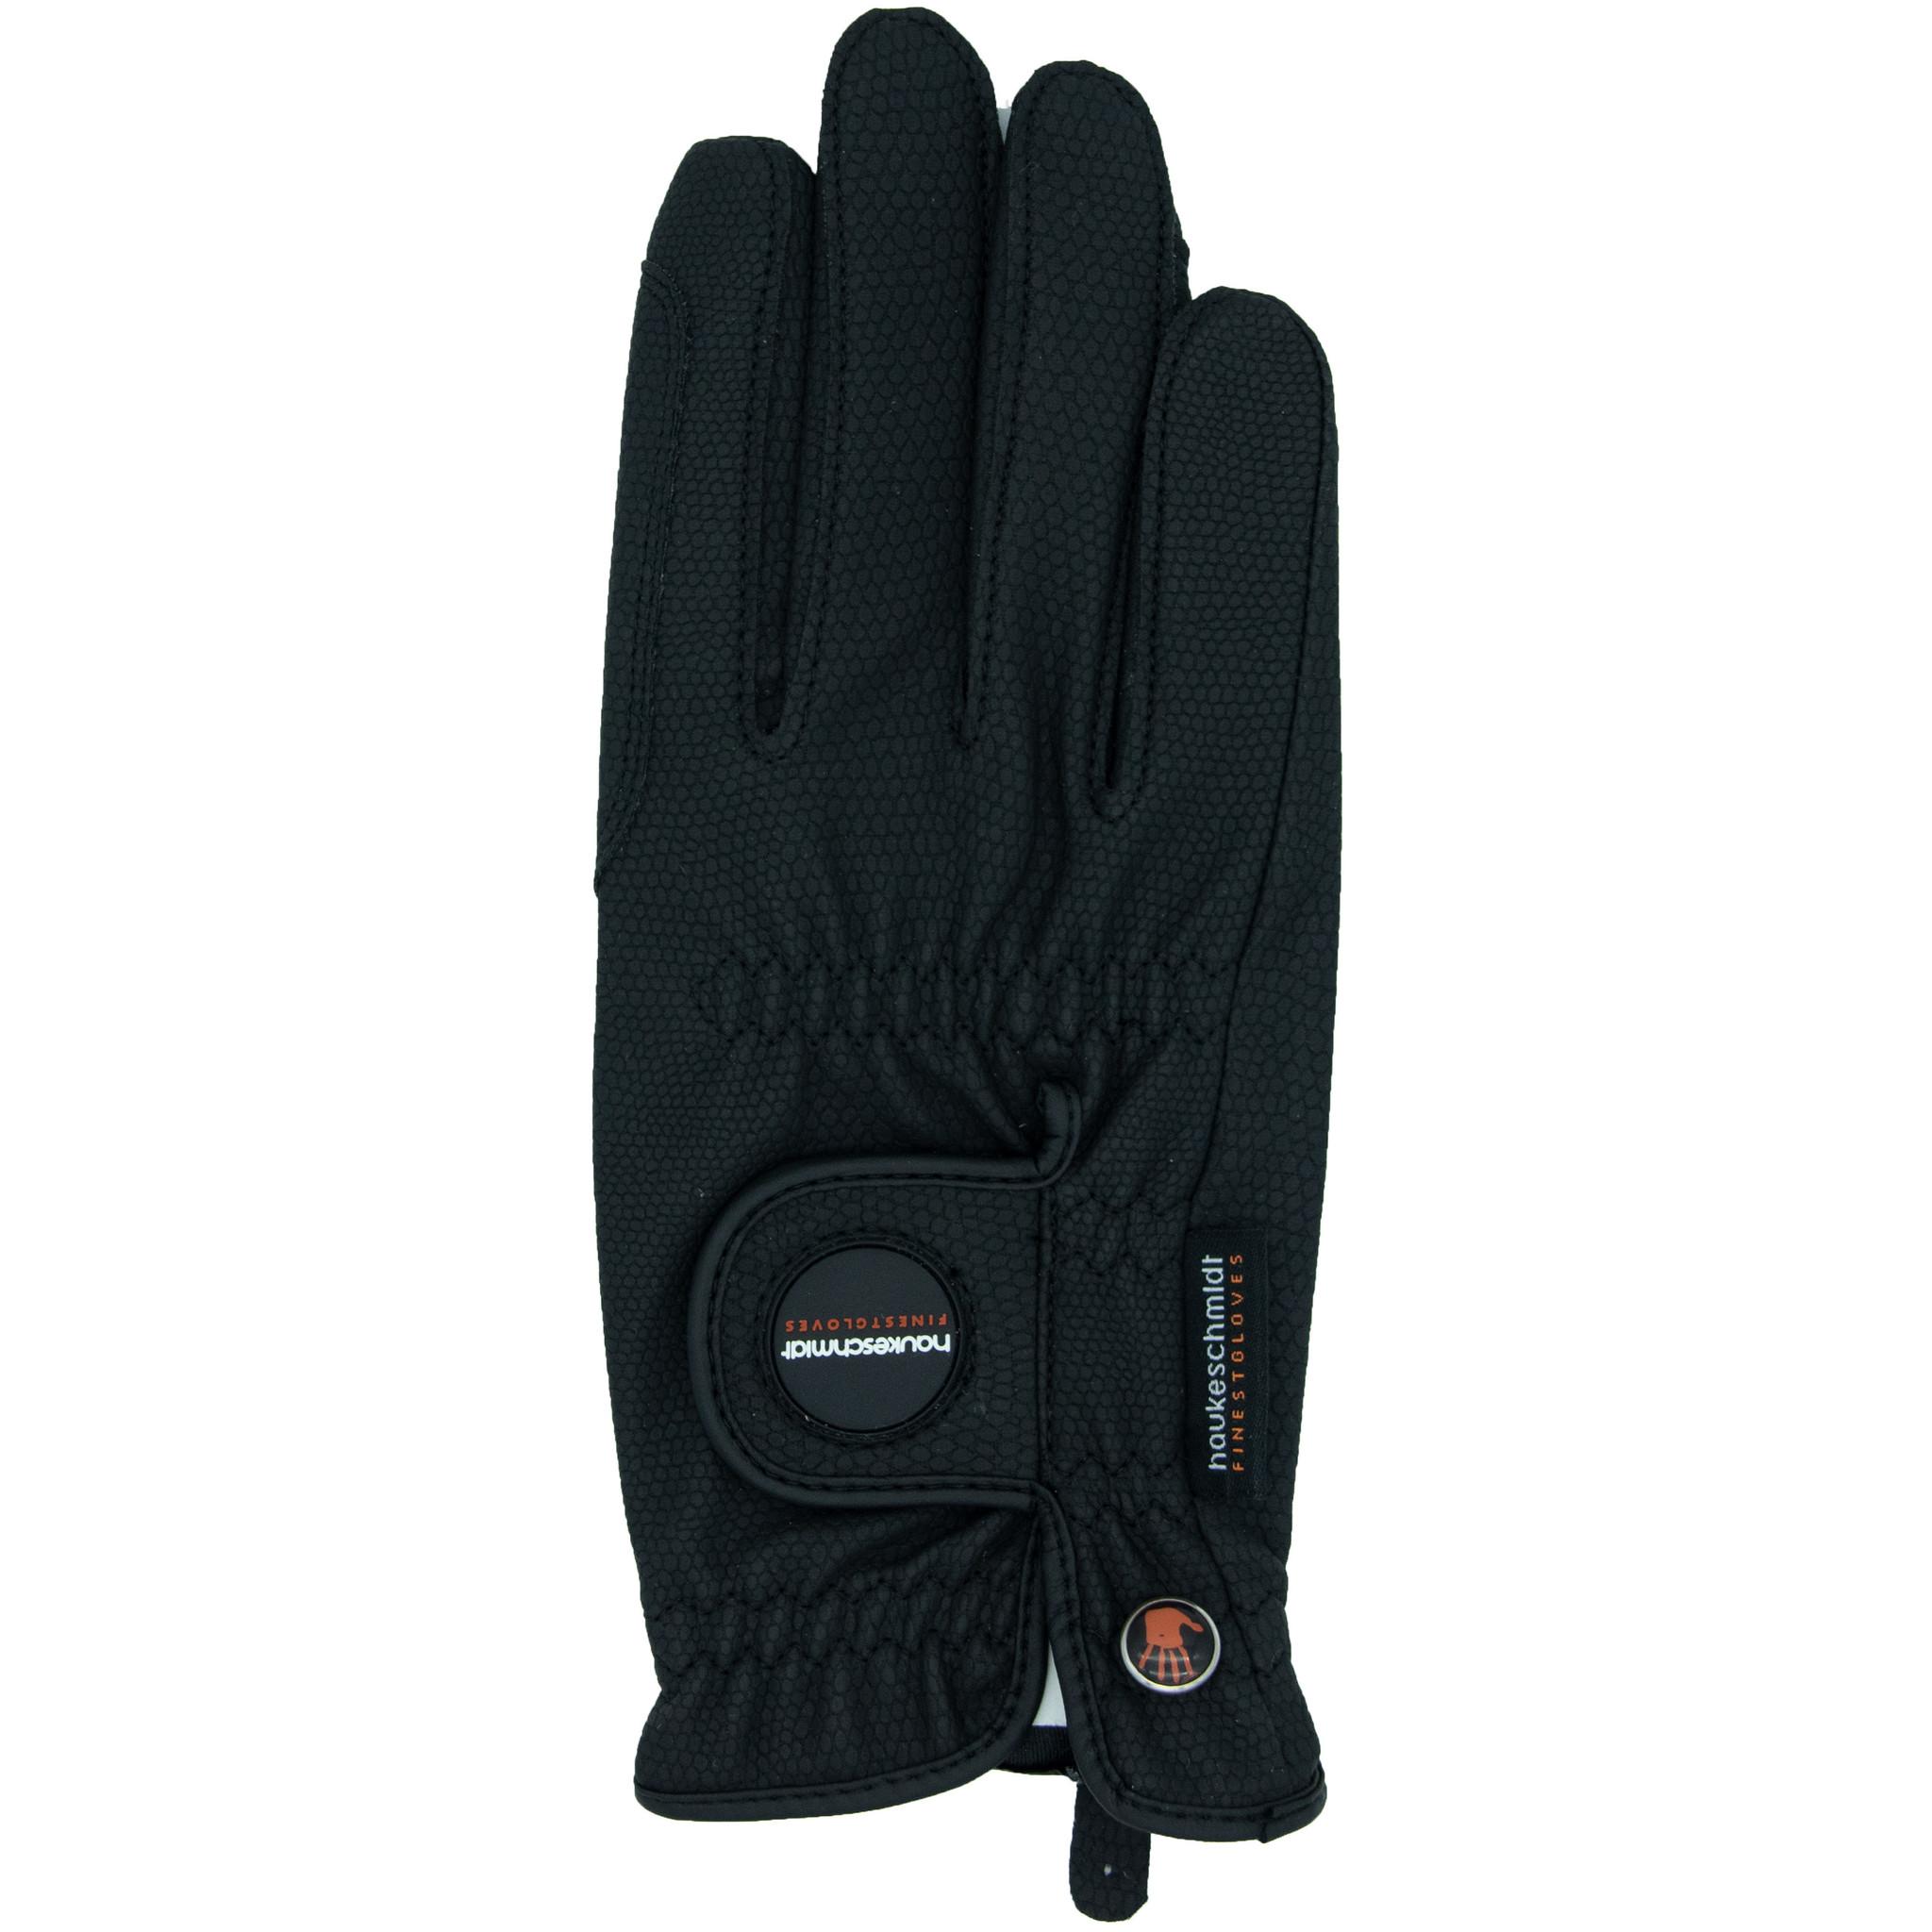 Haukeschmidt Handschoenen - A touch of class